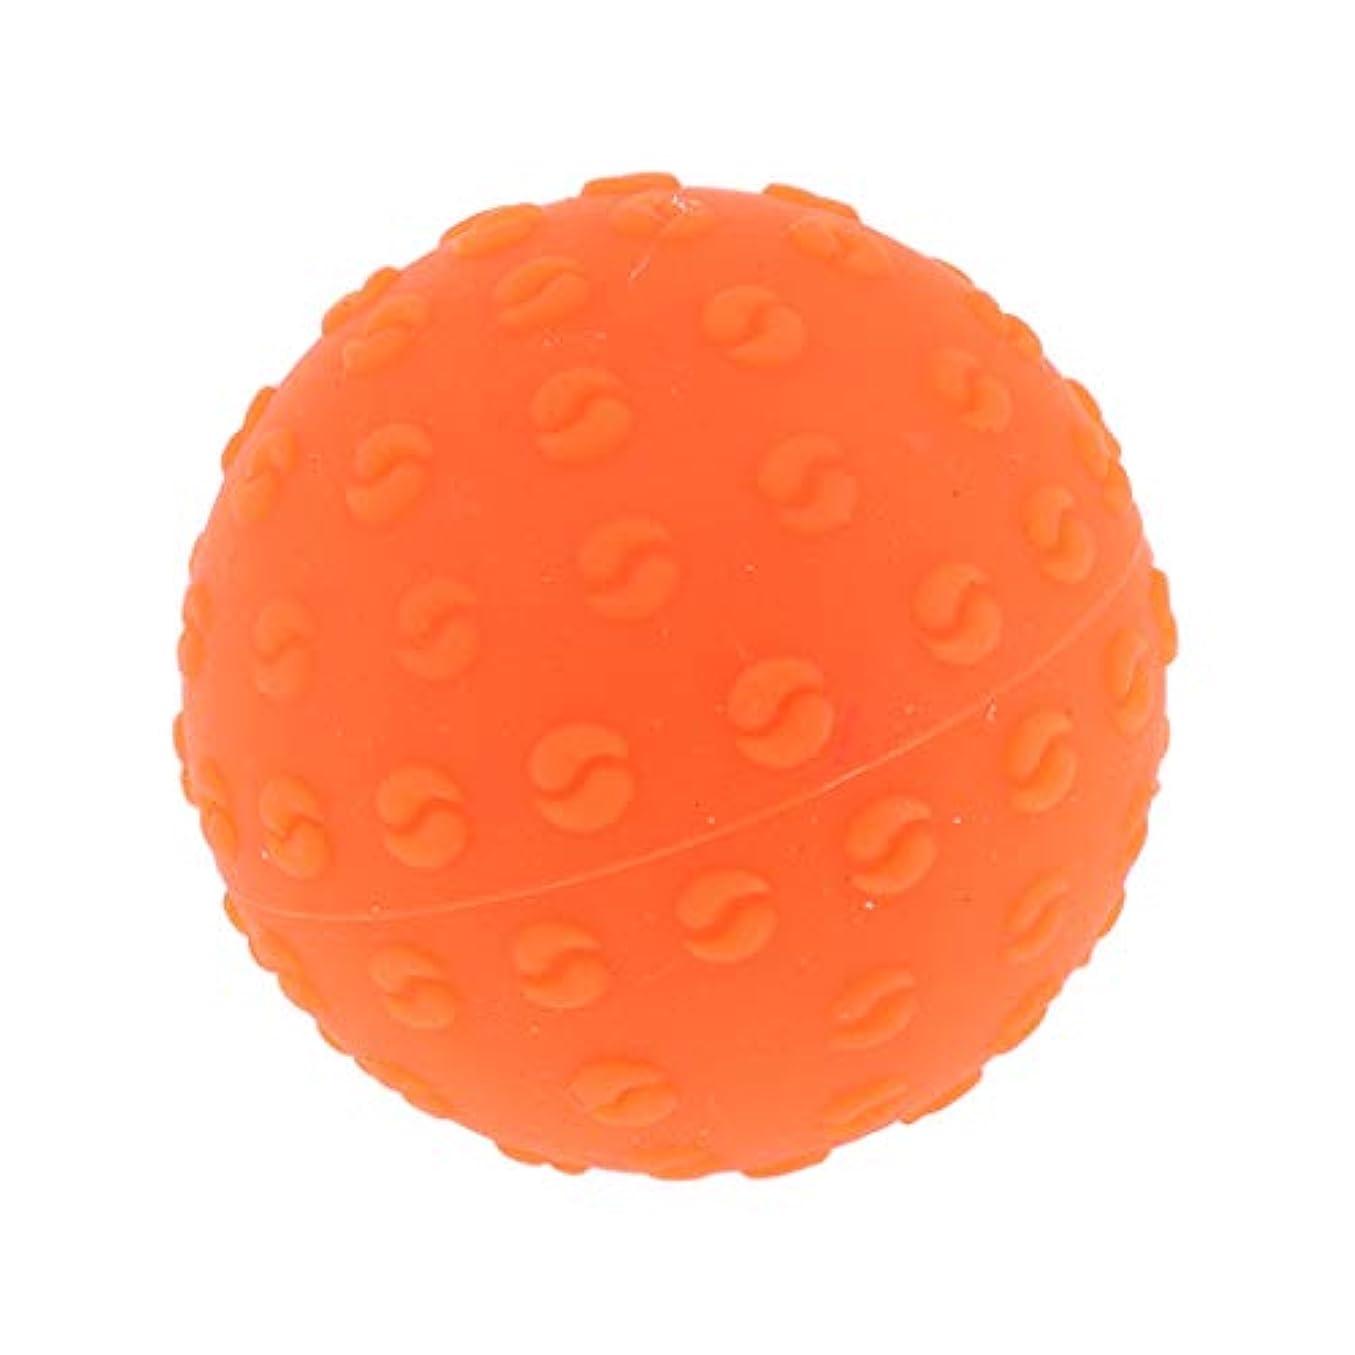 球体出費自殺FLAMEER 全6色 シリコーンマッサージボール 指圧ボール トリガーポイント ヨガ 肩、足、首、腕 解消 耐摩耗 - オレンジ, 説明のとおり